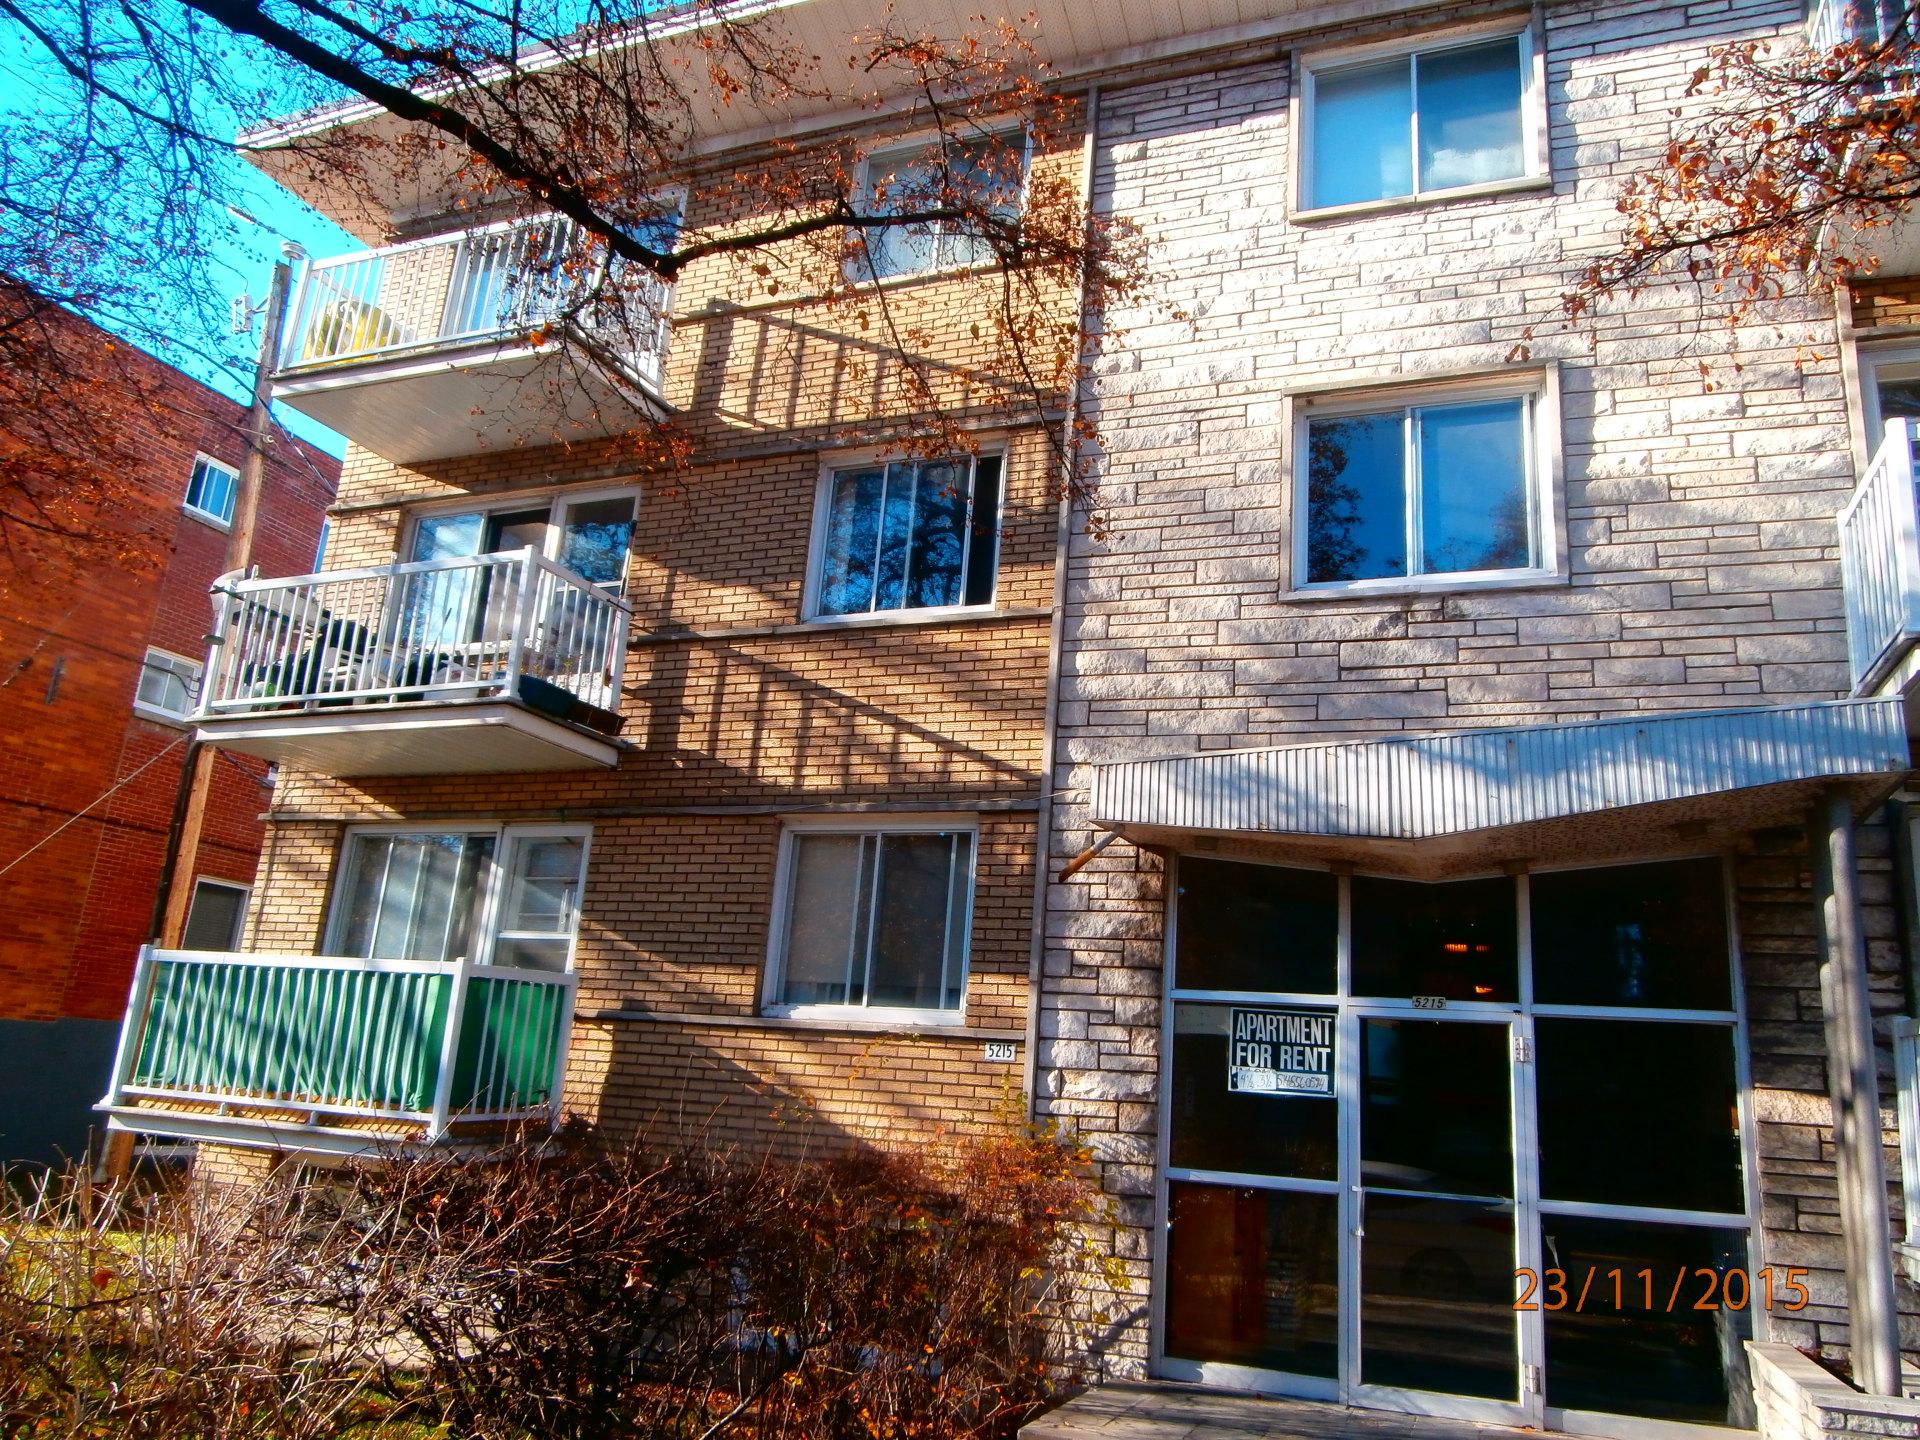 Appartement à louer / Apartments for rent